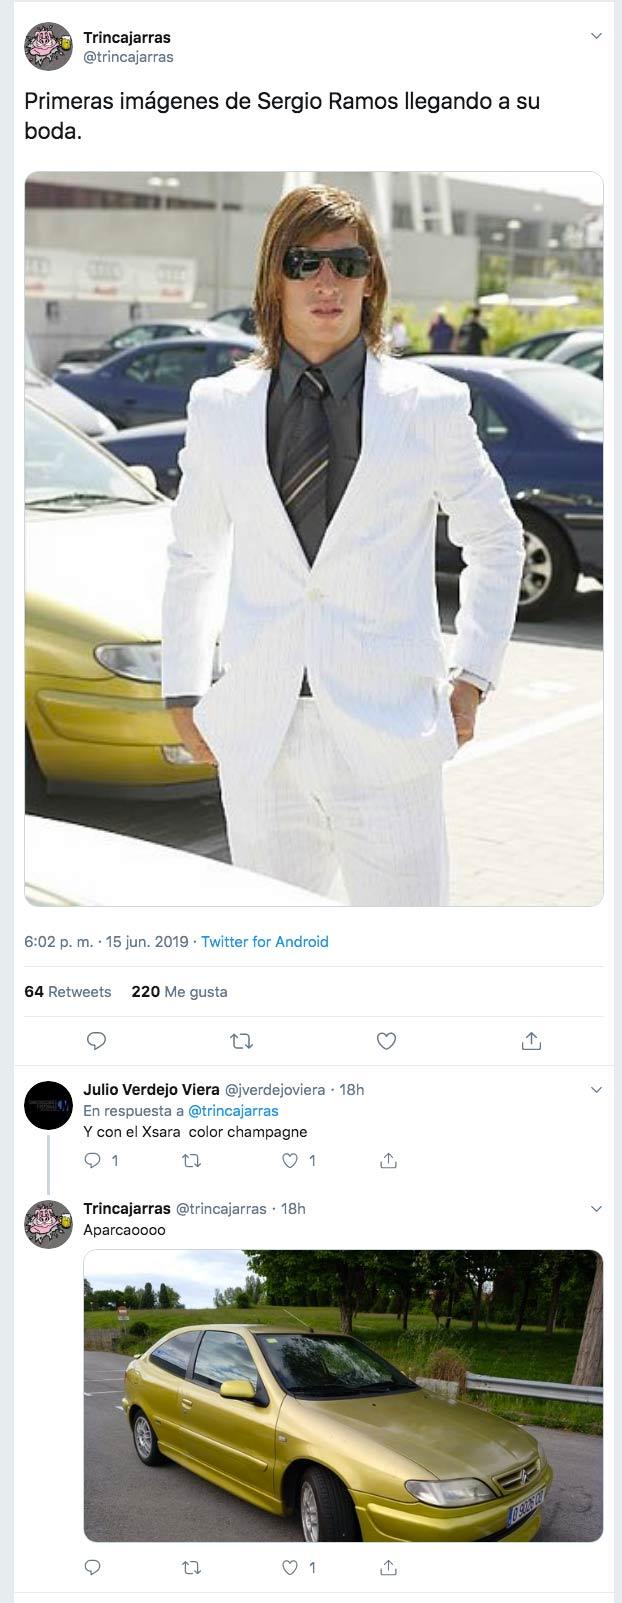 Los mejores memes sobre la boda de Sergio Ramos y Pilar Rubio